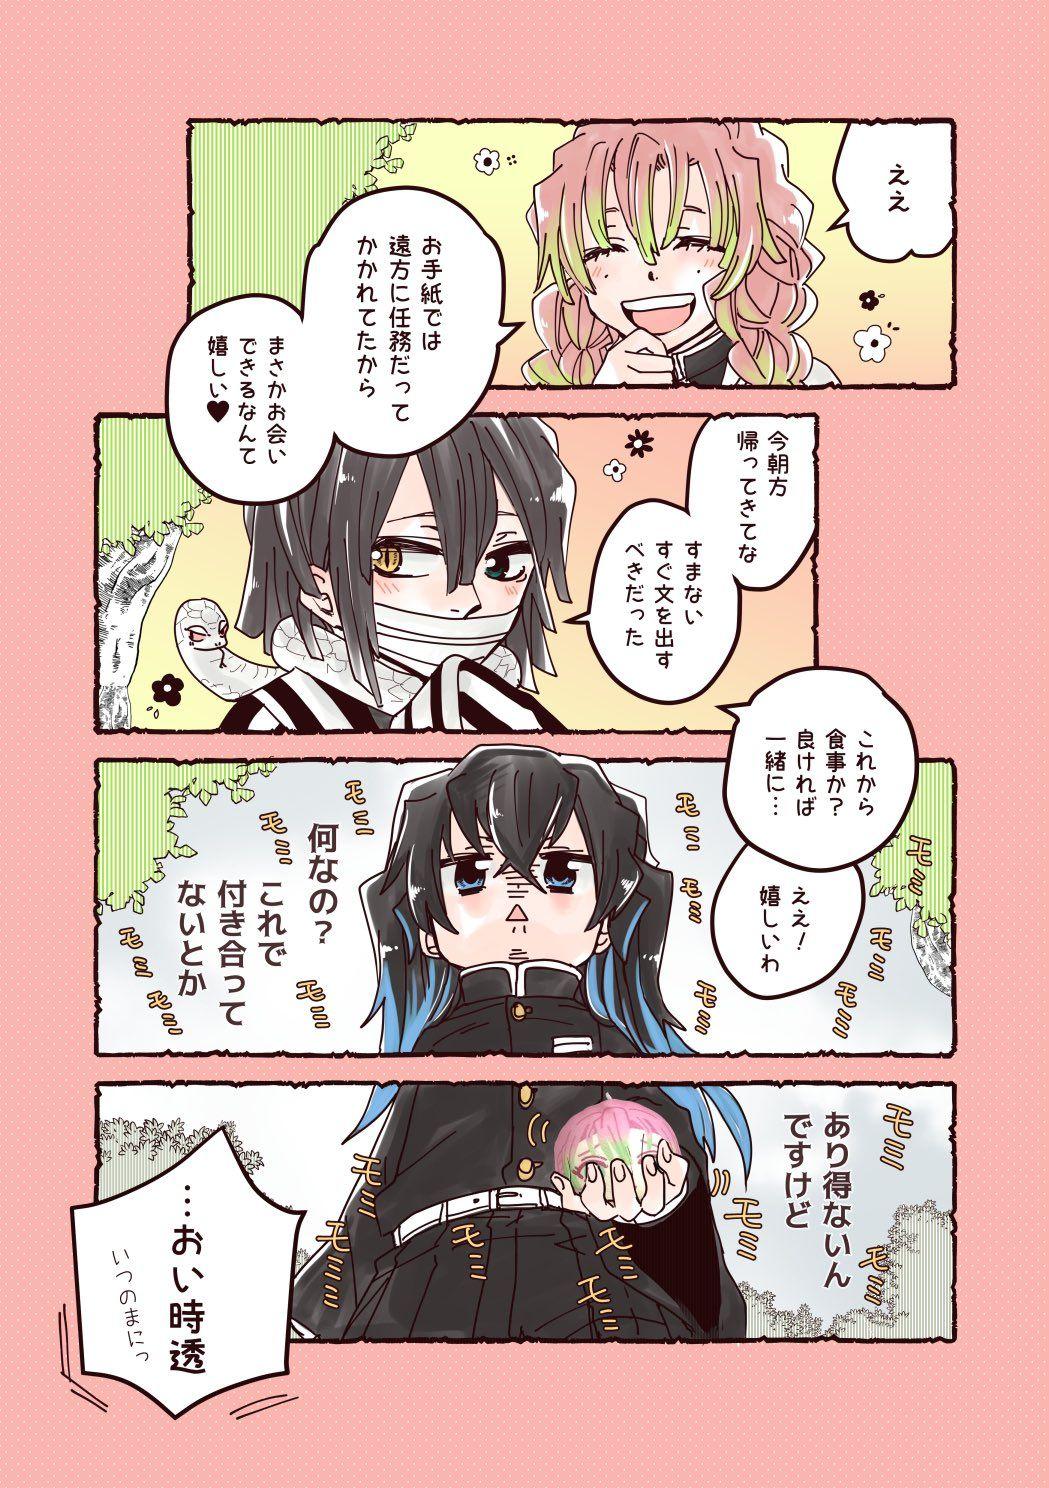 twitter 2020 漫画 おば まんじゅう